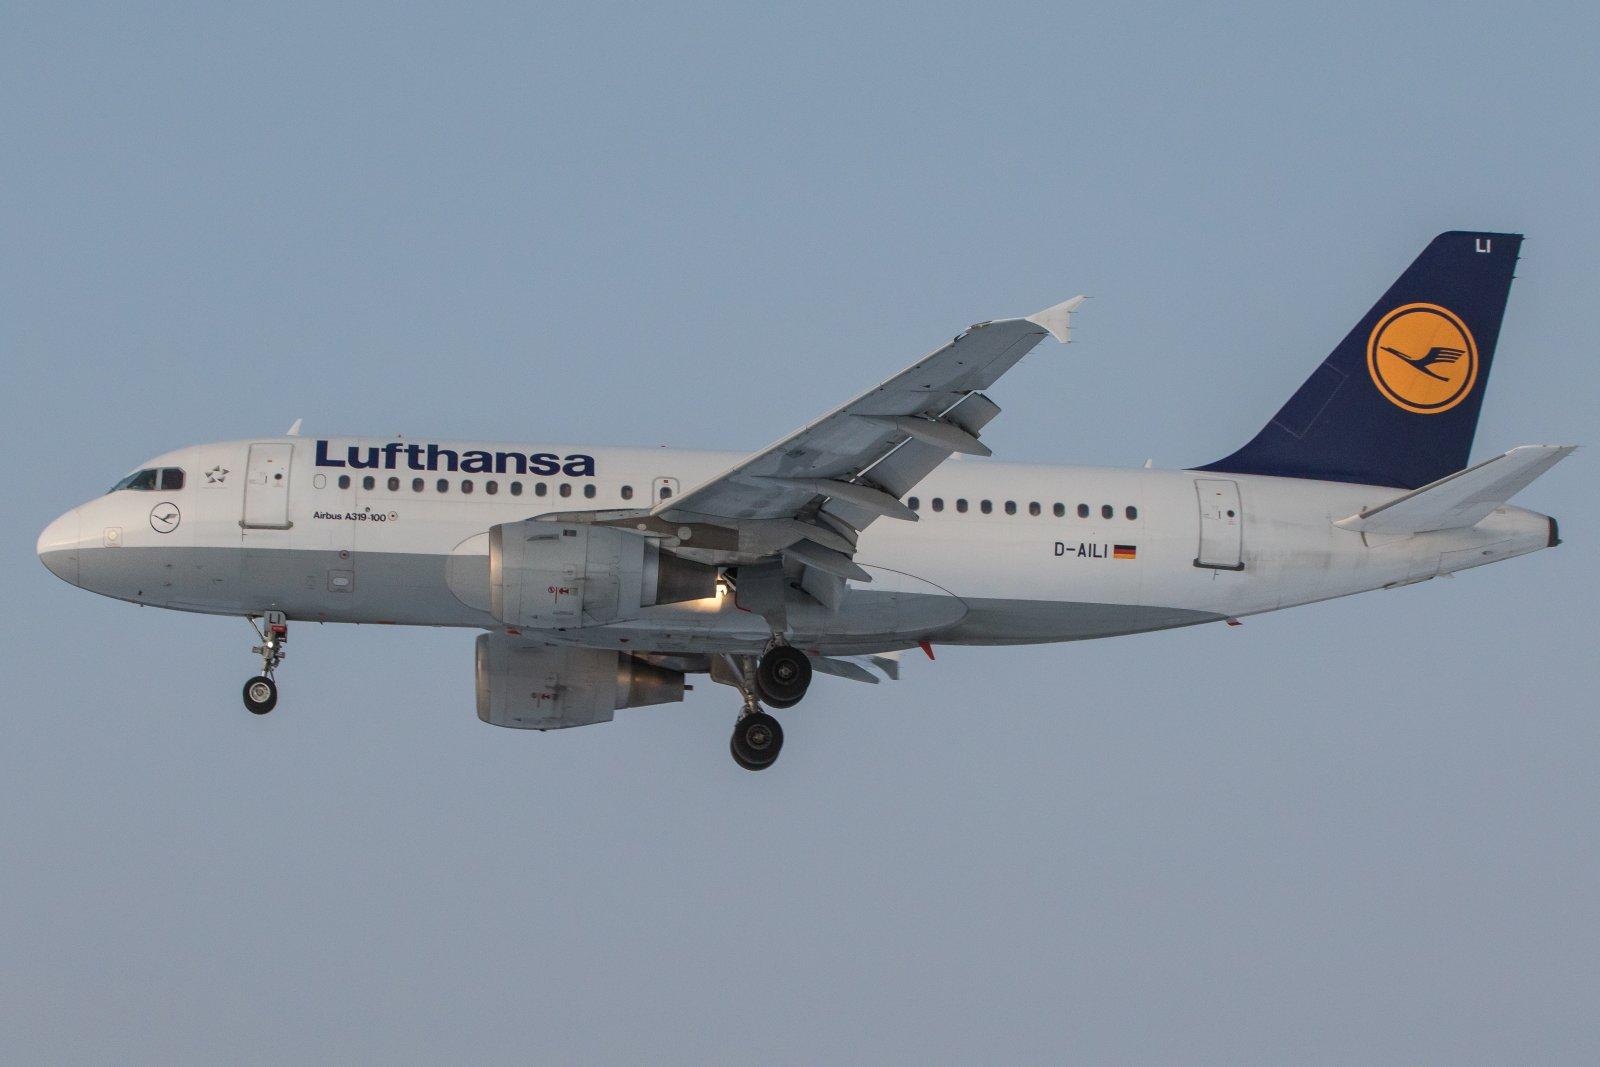 D-AILI. Airbus 319-100